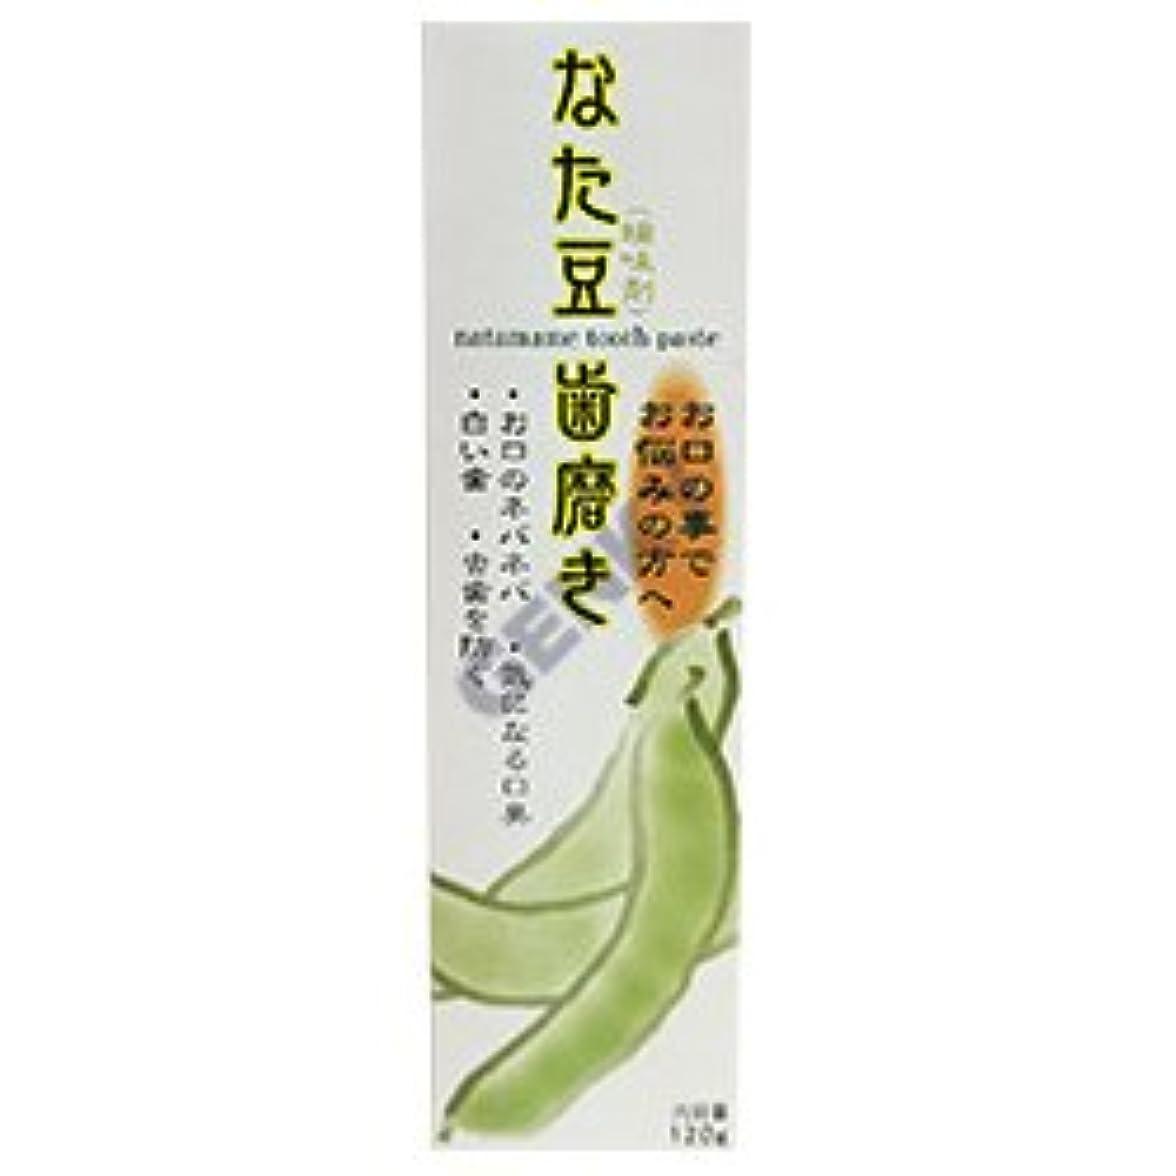 寂しいもつれギネス【モルゲンロート】なた豆歯磨き 120g ×5個セット